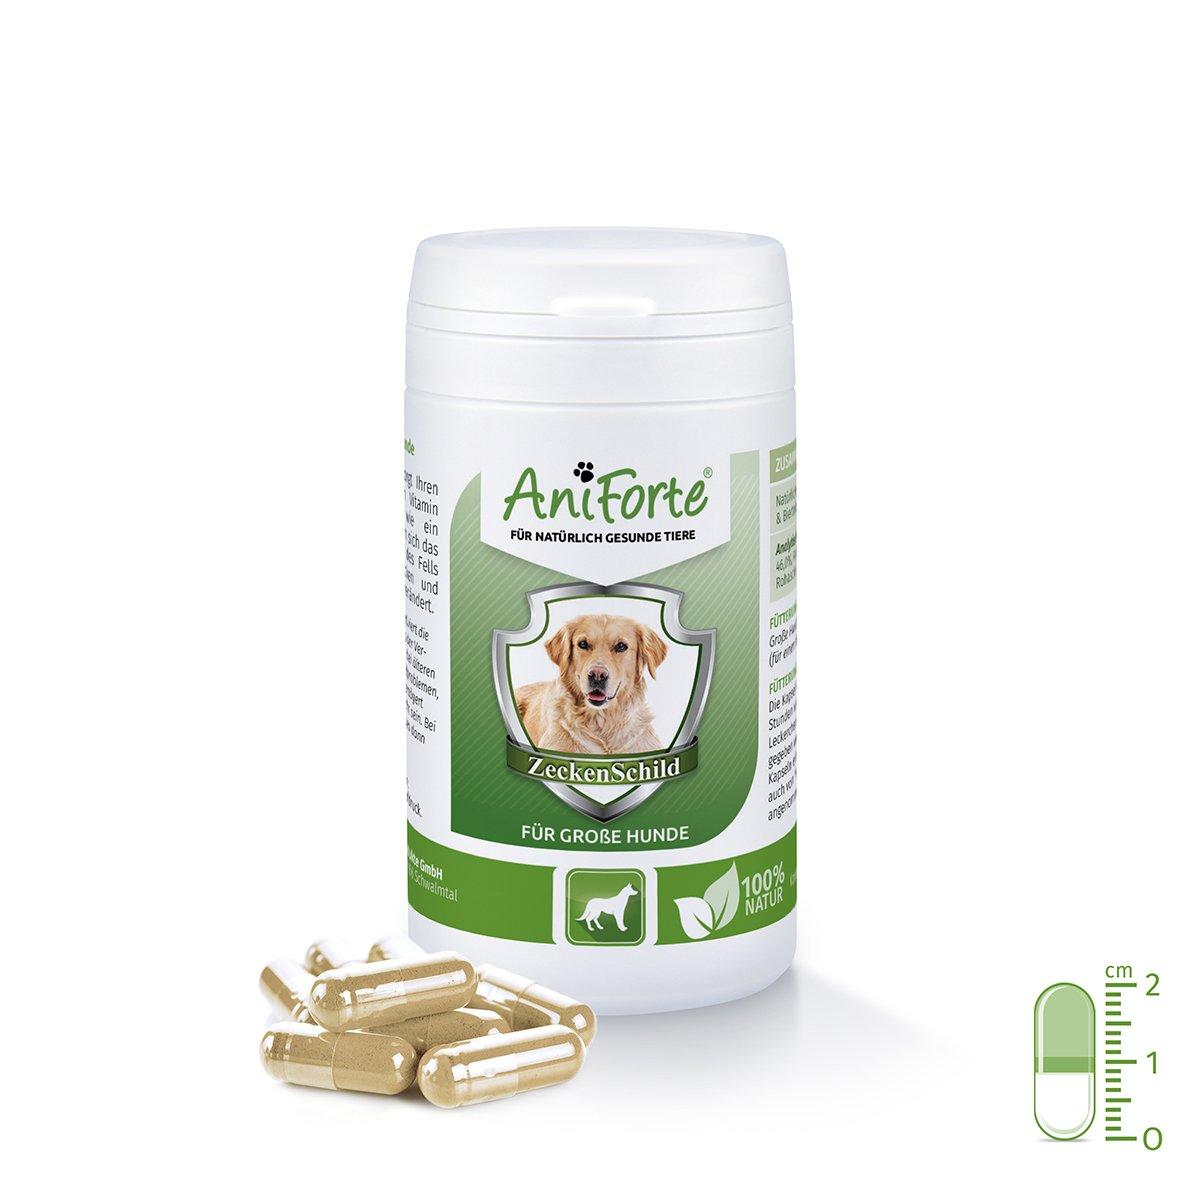 AniForte Zeckenschild natürlicher Zeckenschutz 60 Kapseln - Naturprodukt für große Hunde ab 35-50 kg Görges Naturprodukte GmbH